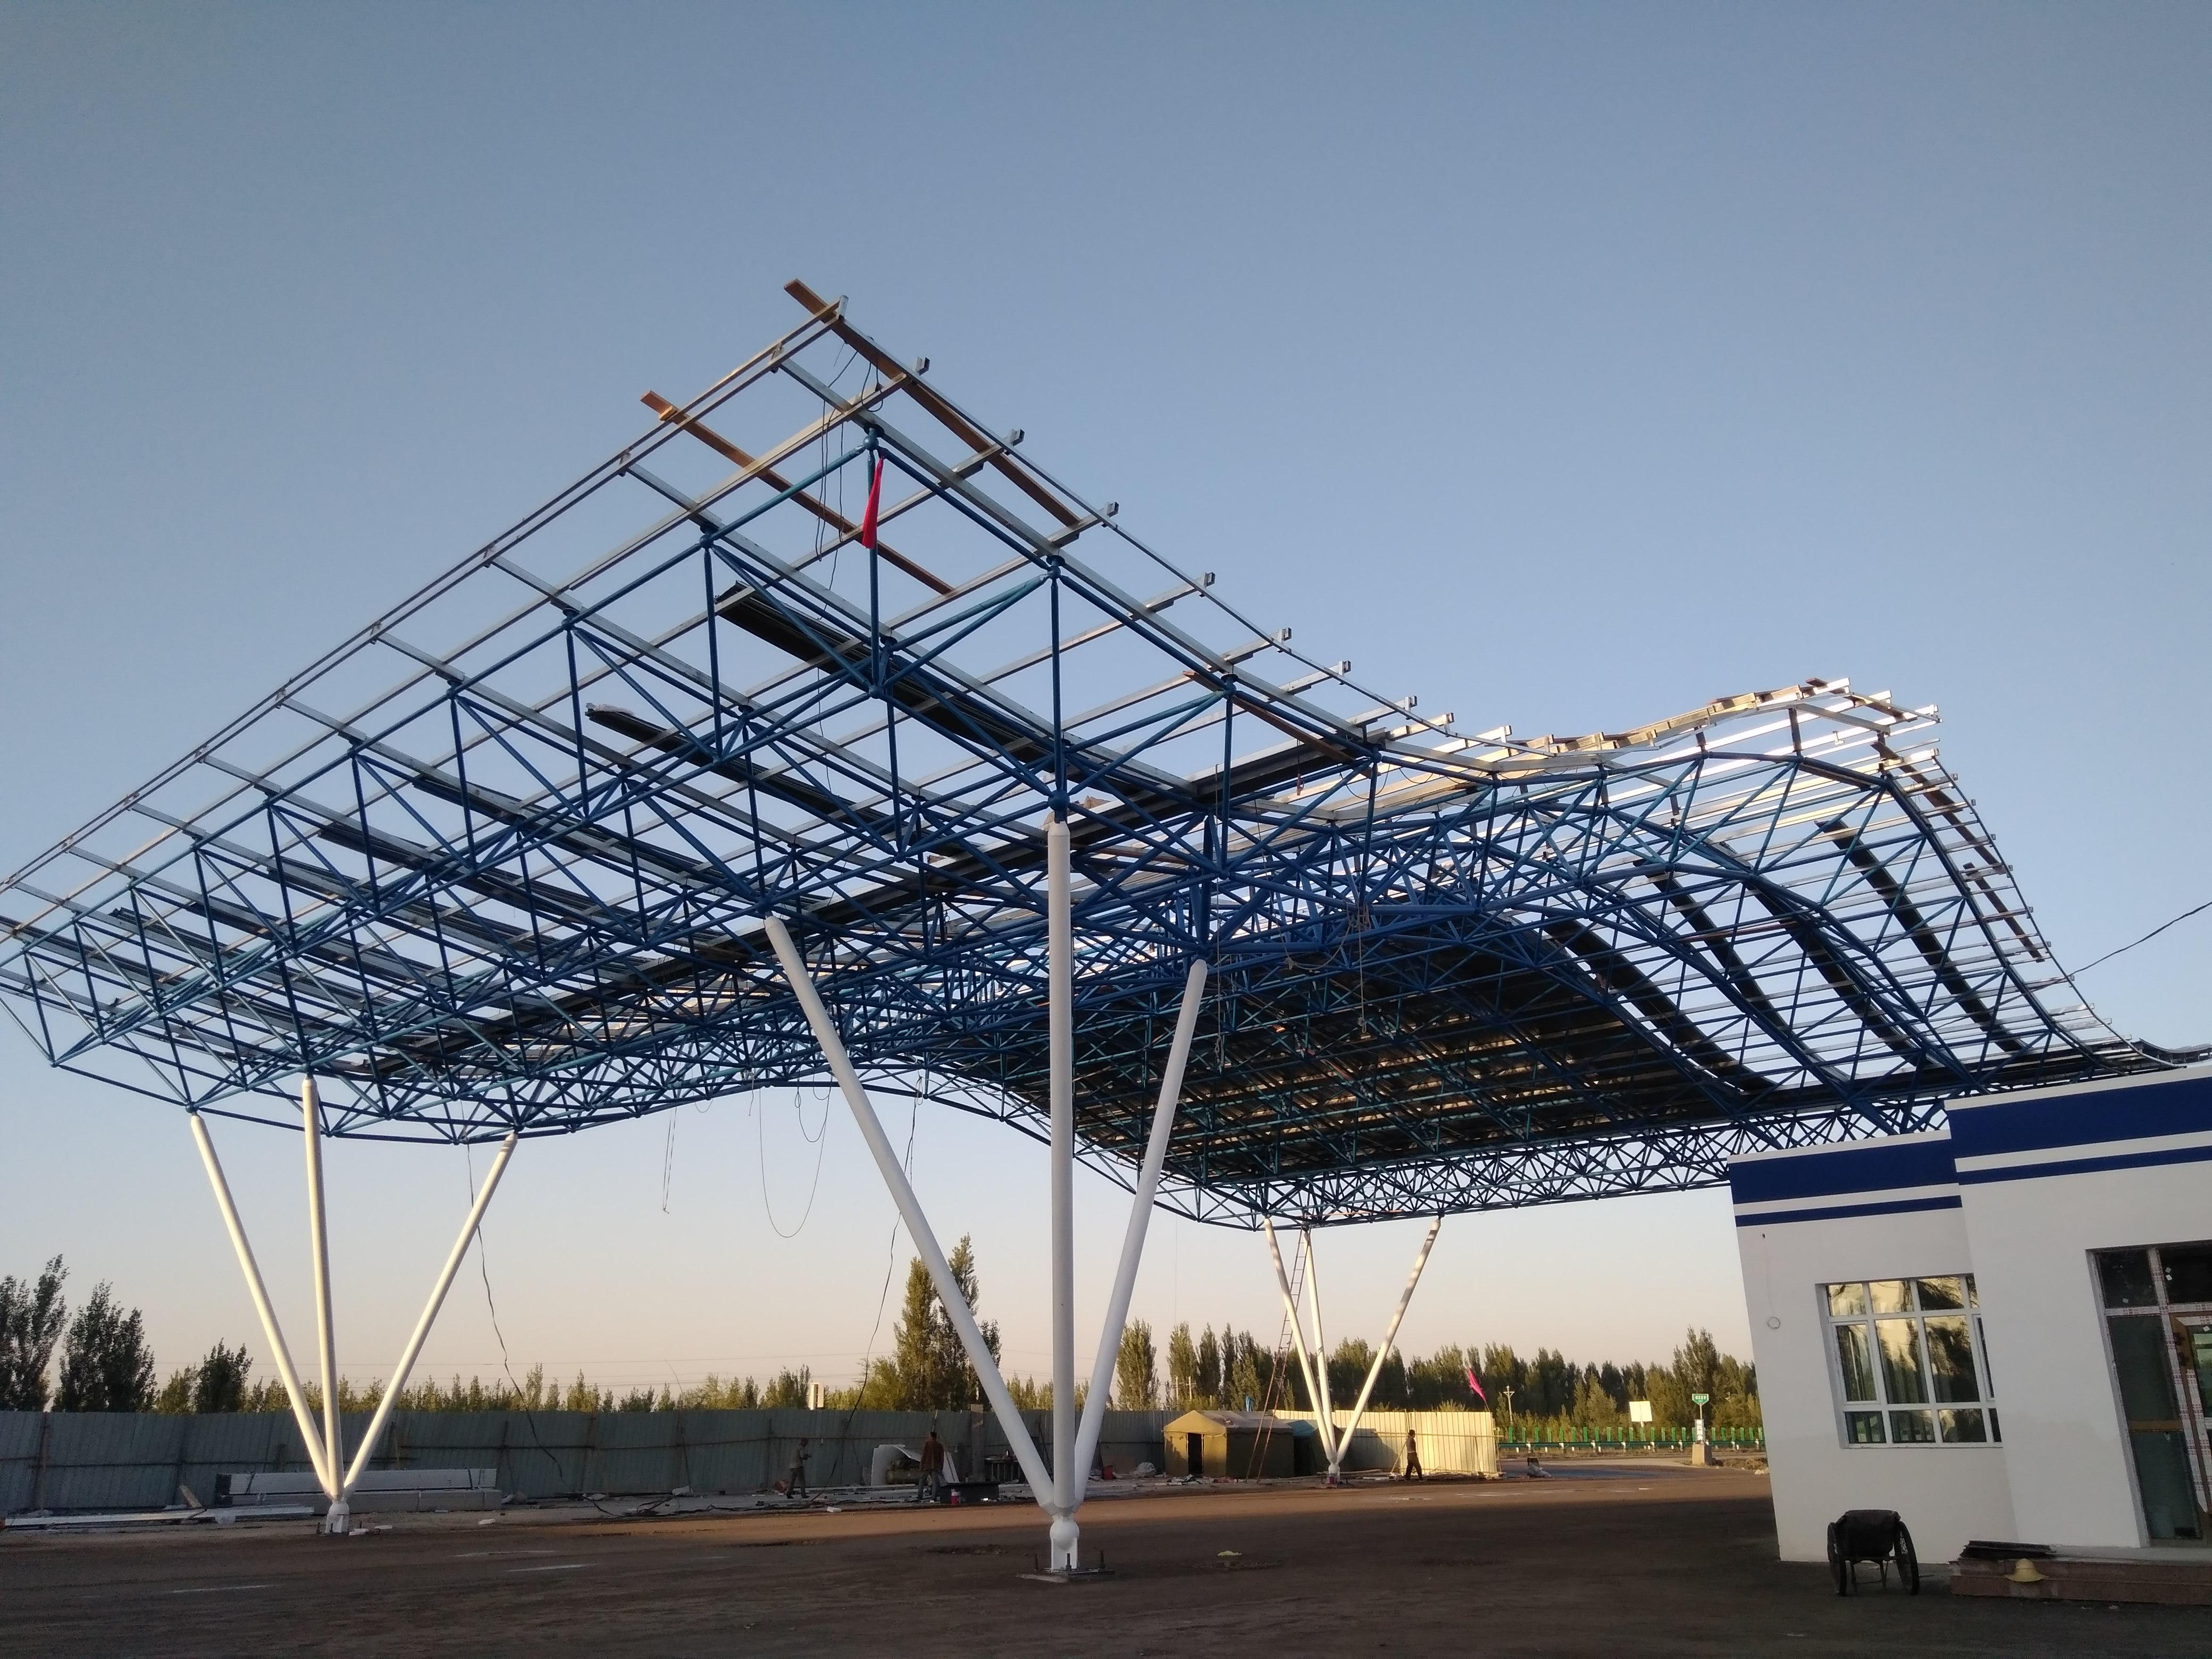 供应乌鲁木齐铝镁锰板 65-430直立锁边金属屋面昌吉铝镁锰板配件